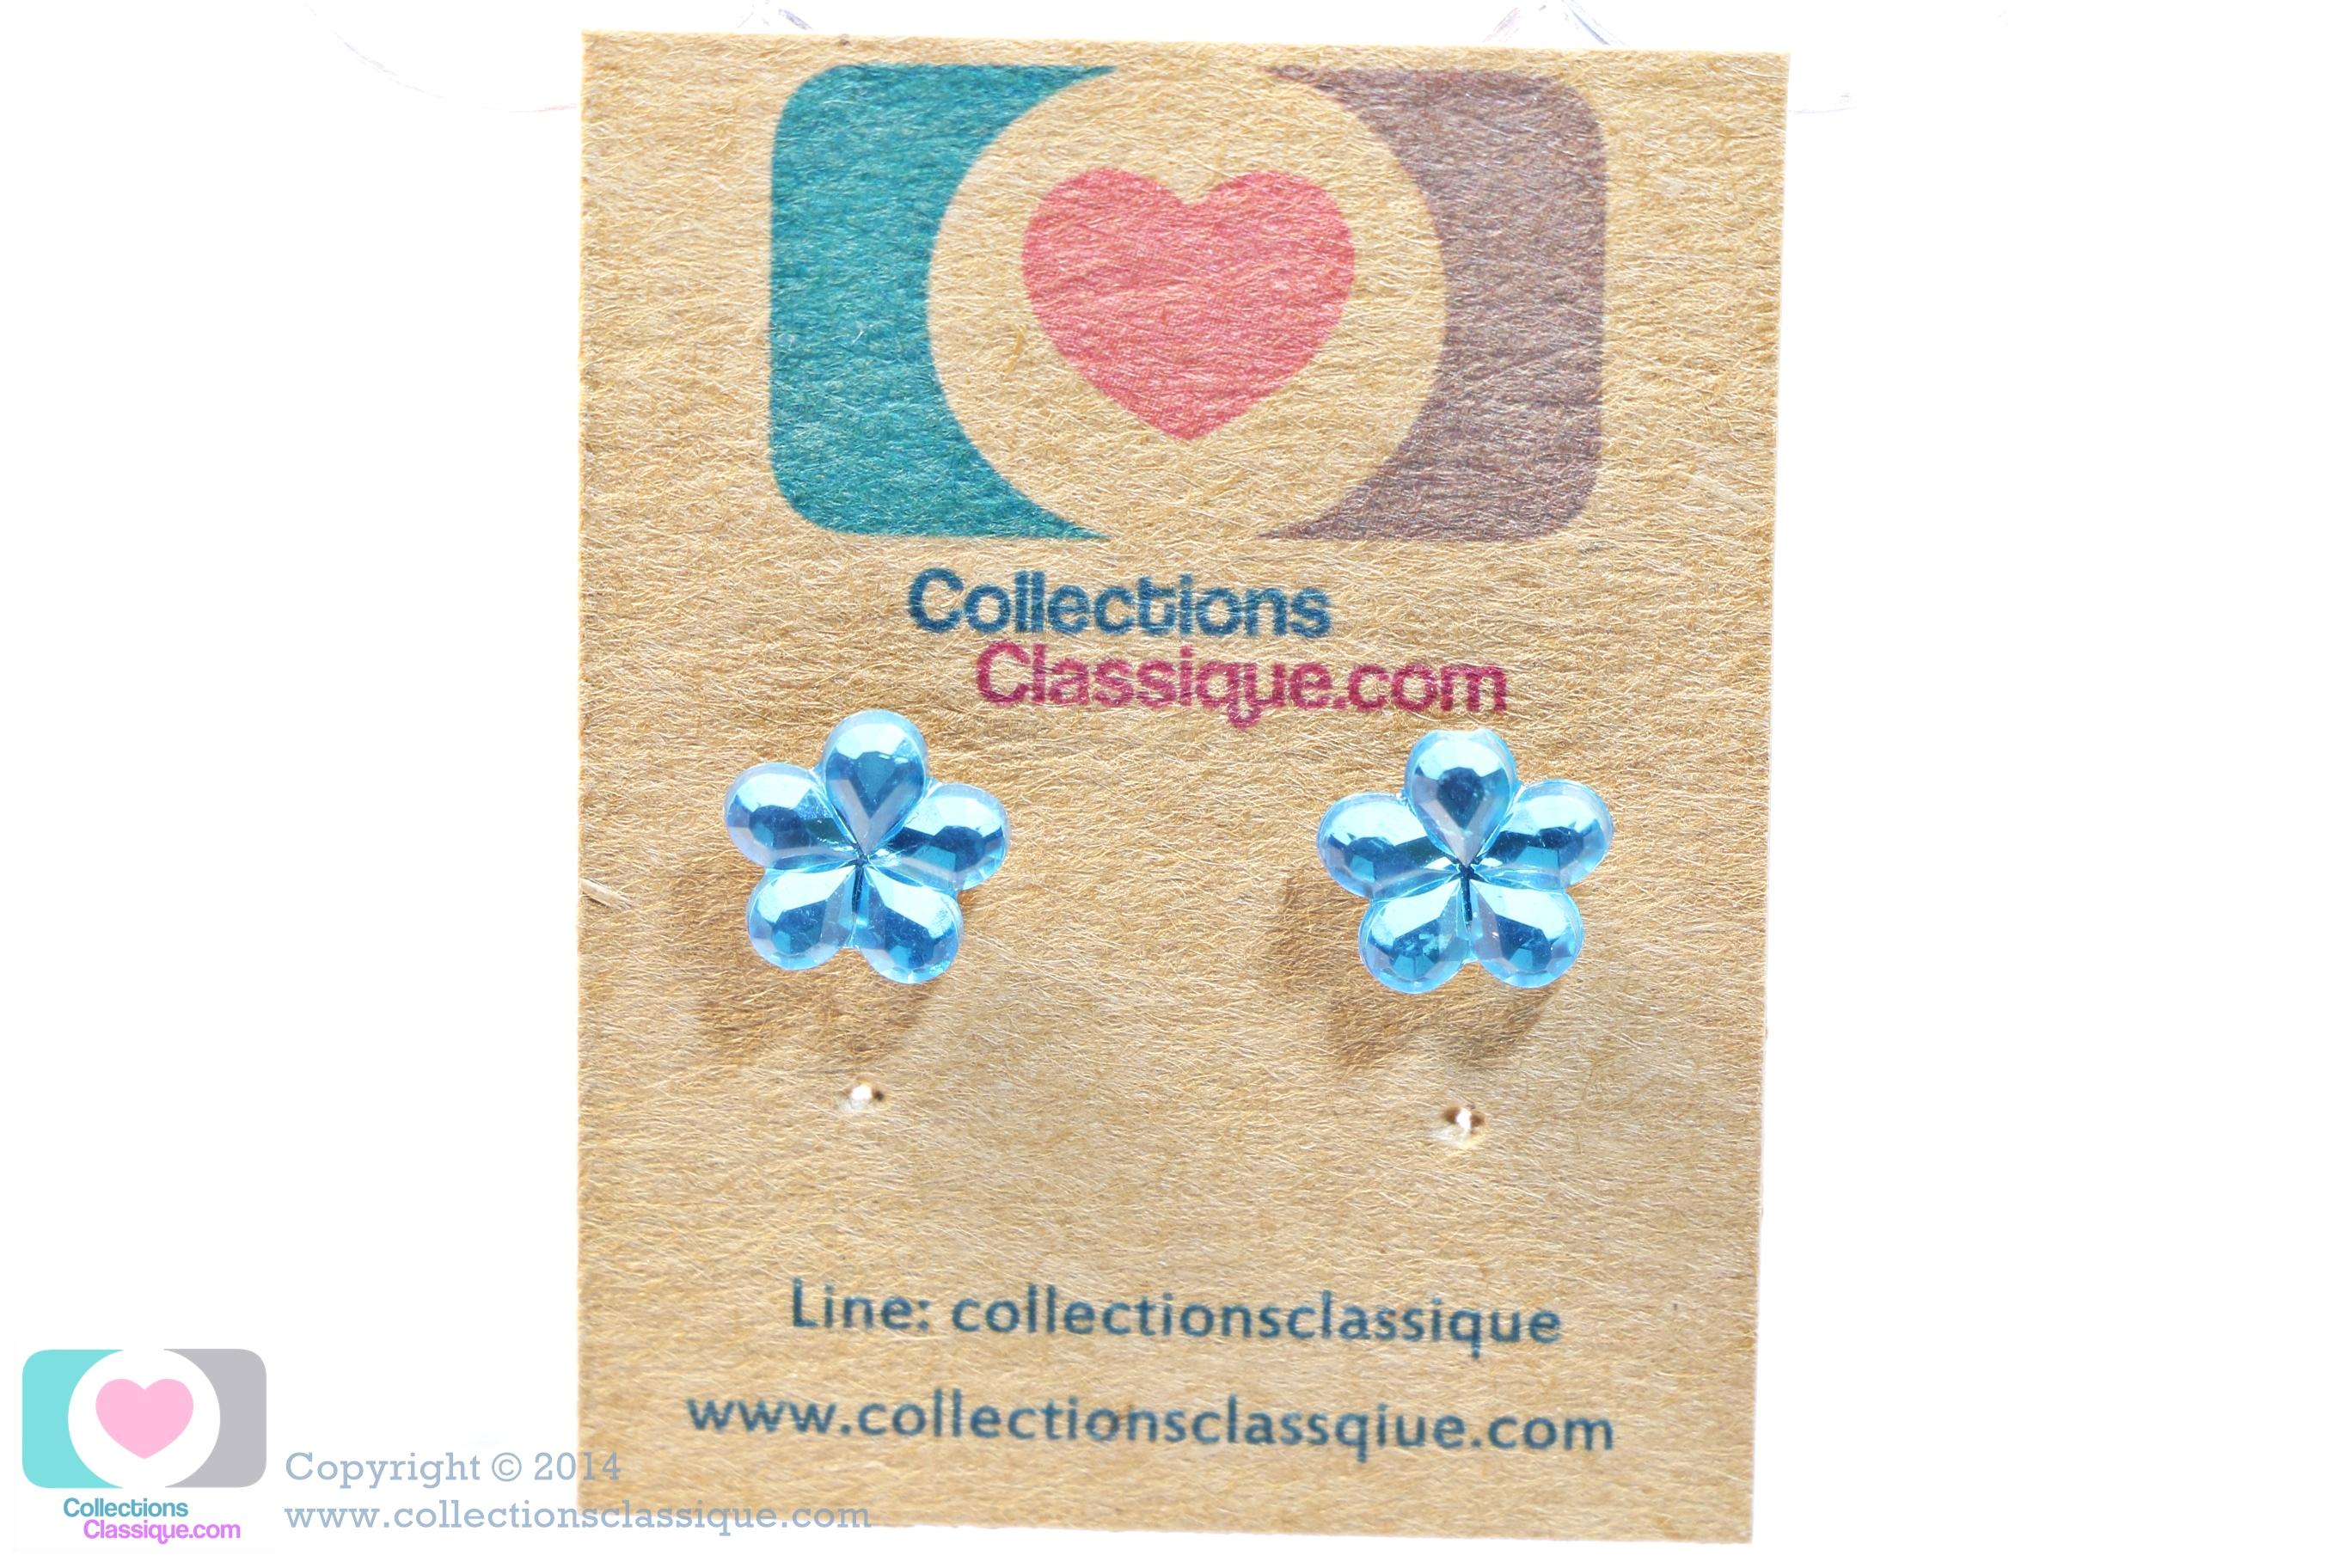 ต่างหูพลาสติก,ต่างหูก้านพลาสติก,ต่างหูเด็ก E29040 The Blue Flowers ต่างหูแฟชั่นราคาถูก